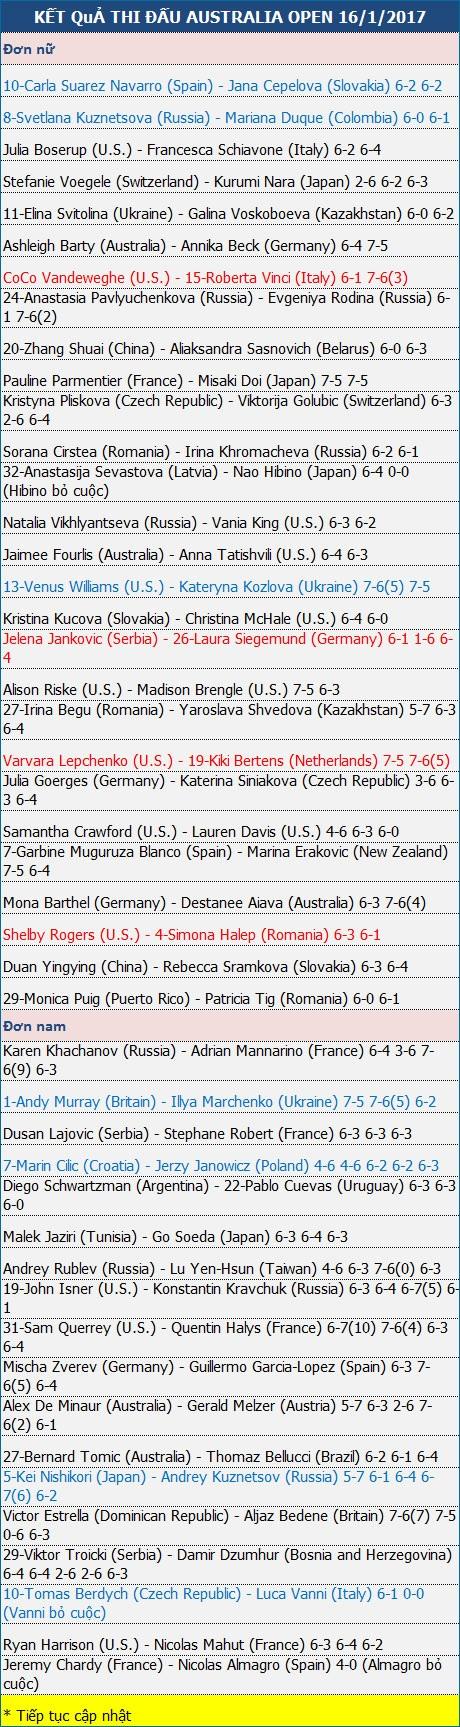 Murray vất vả thắng trận đầu, Halep dừng bước sớm - 3